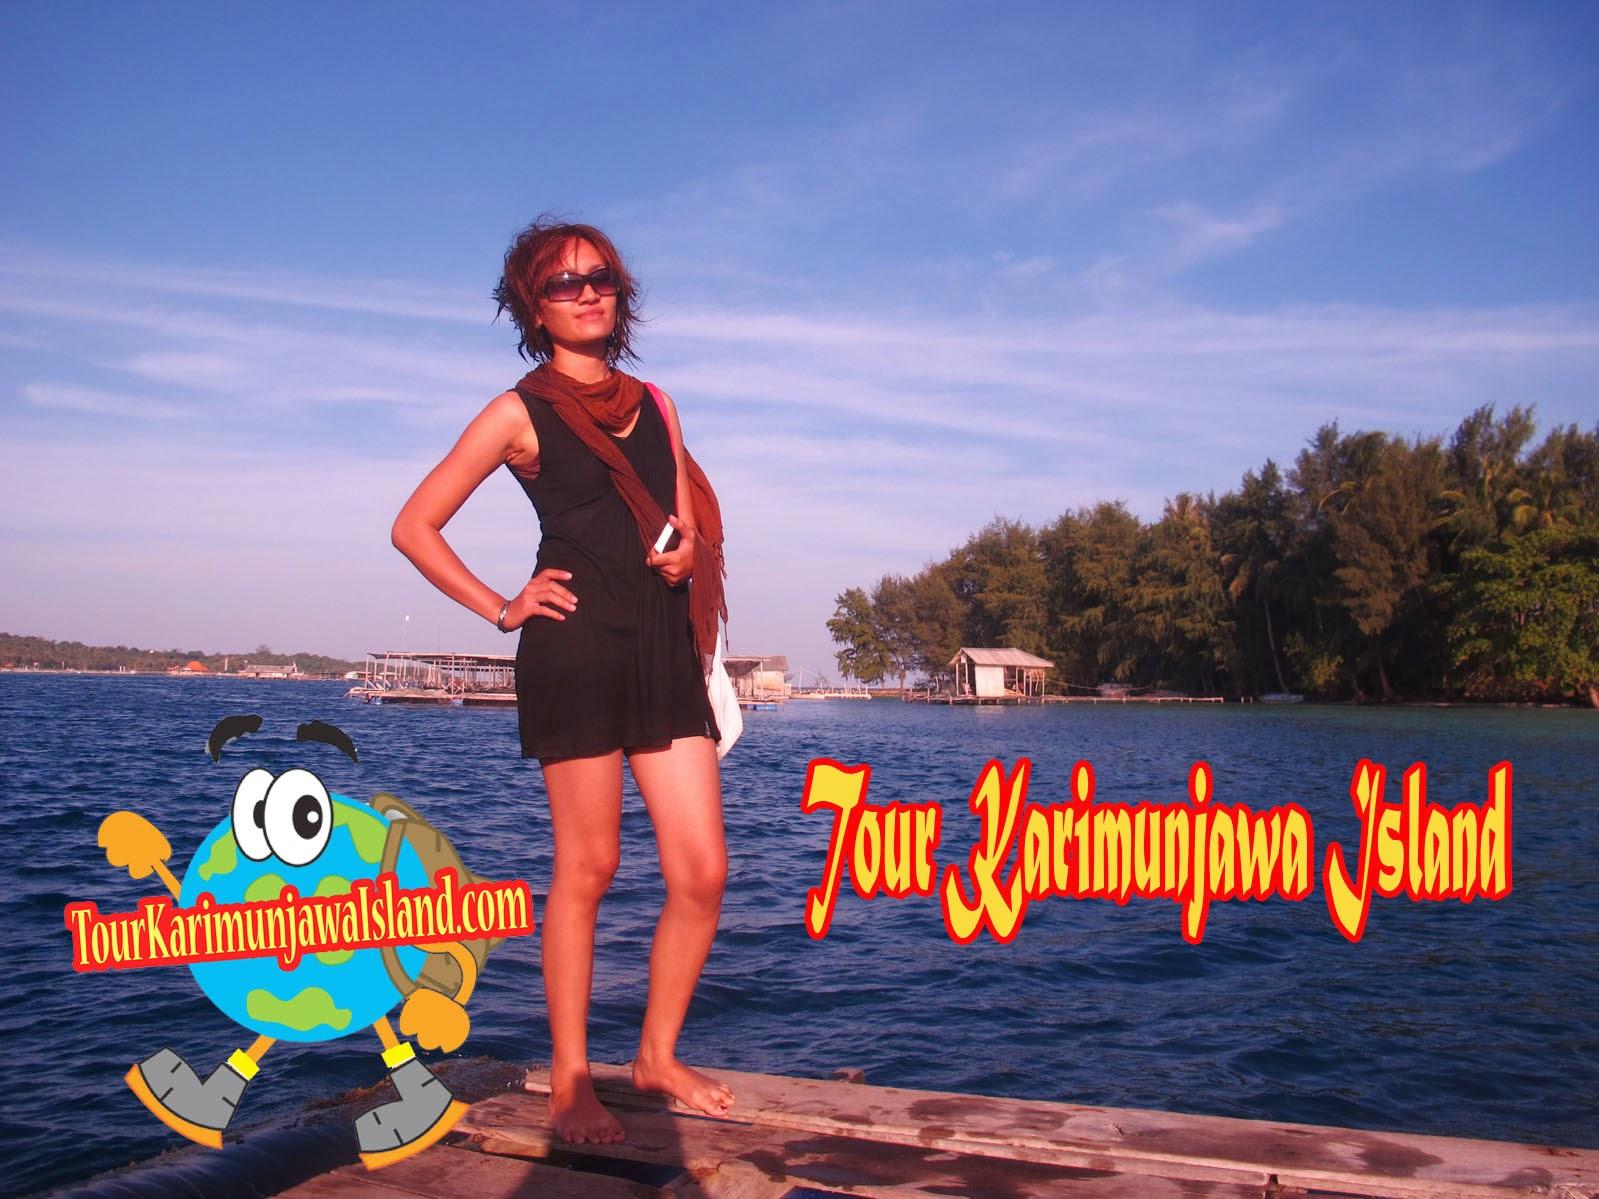 Keindahan Wisata Karimunjawa, Panorama karimunjawa, pantai karimunjawa, pulau karimun jawa, bawah laut karimunjawa, indahnya karimunjawa, tour karimunjawa, paket wisata karimunjawa, trip karimunjawa